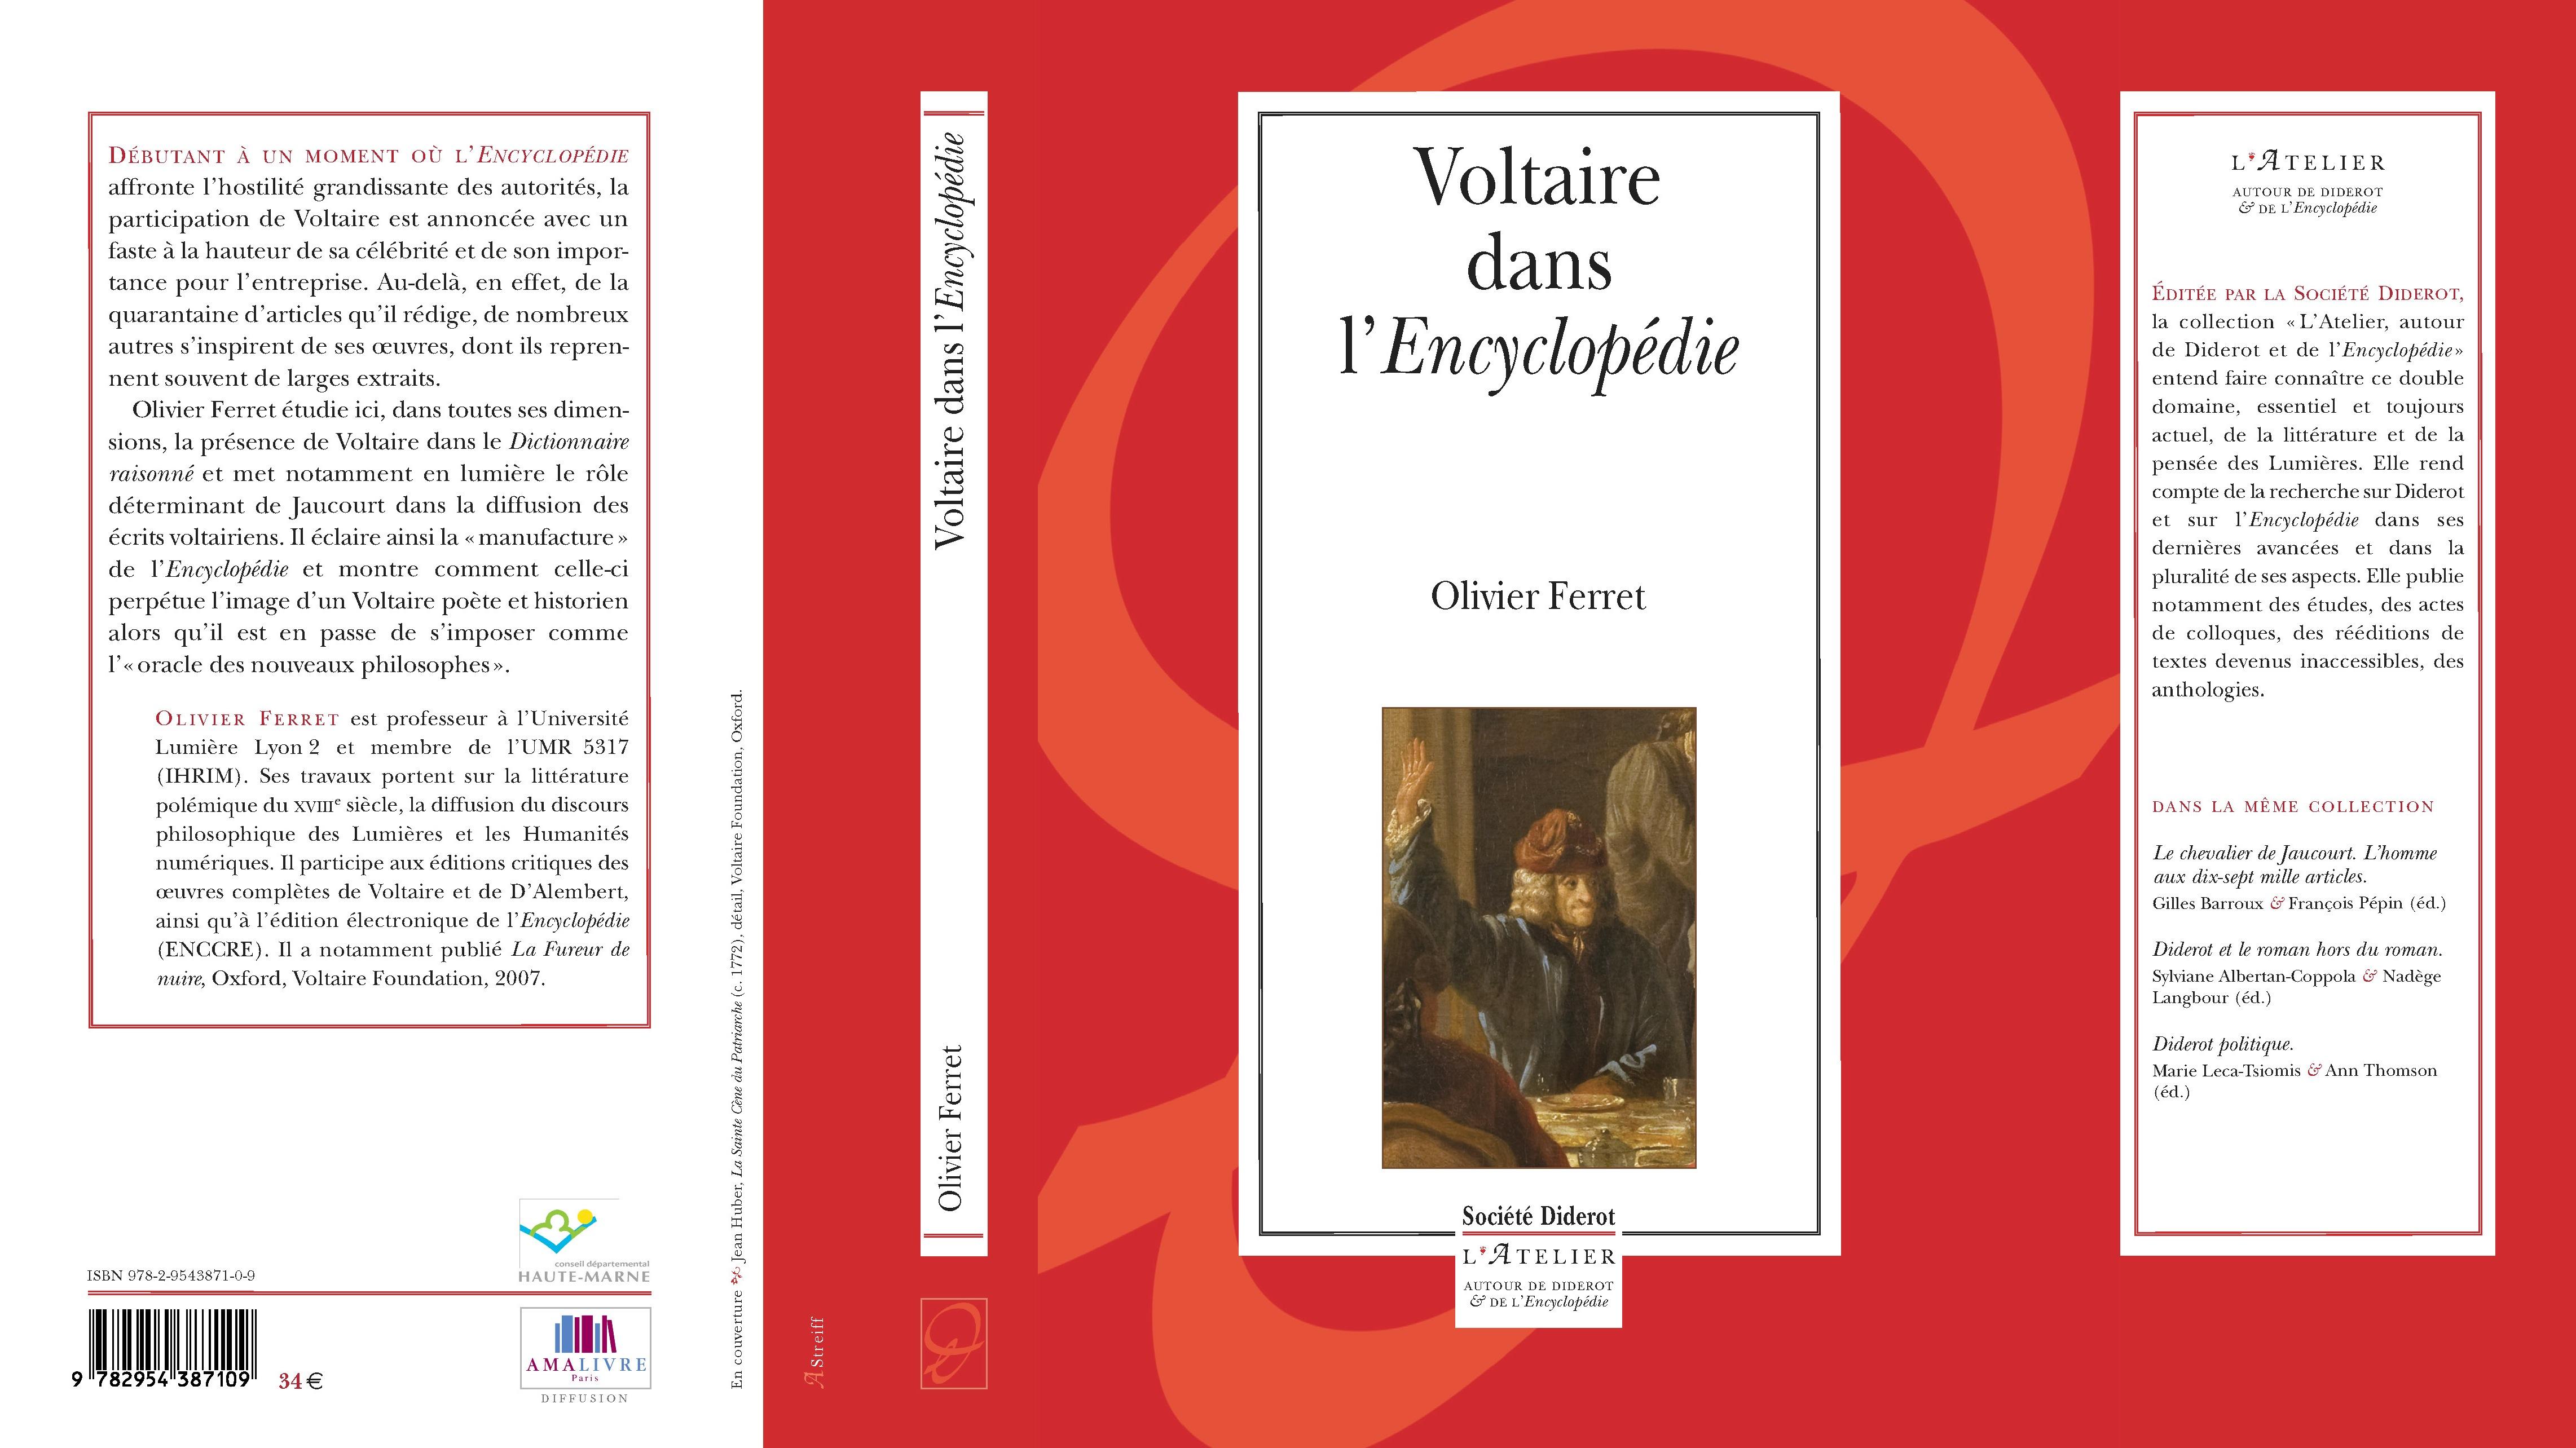 Olivier Ferret, Voltaire dans l'Encyclopédie